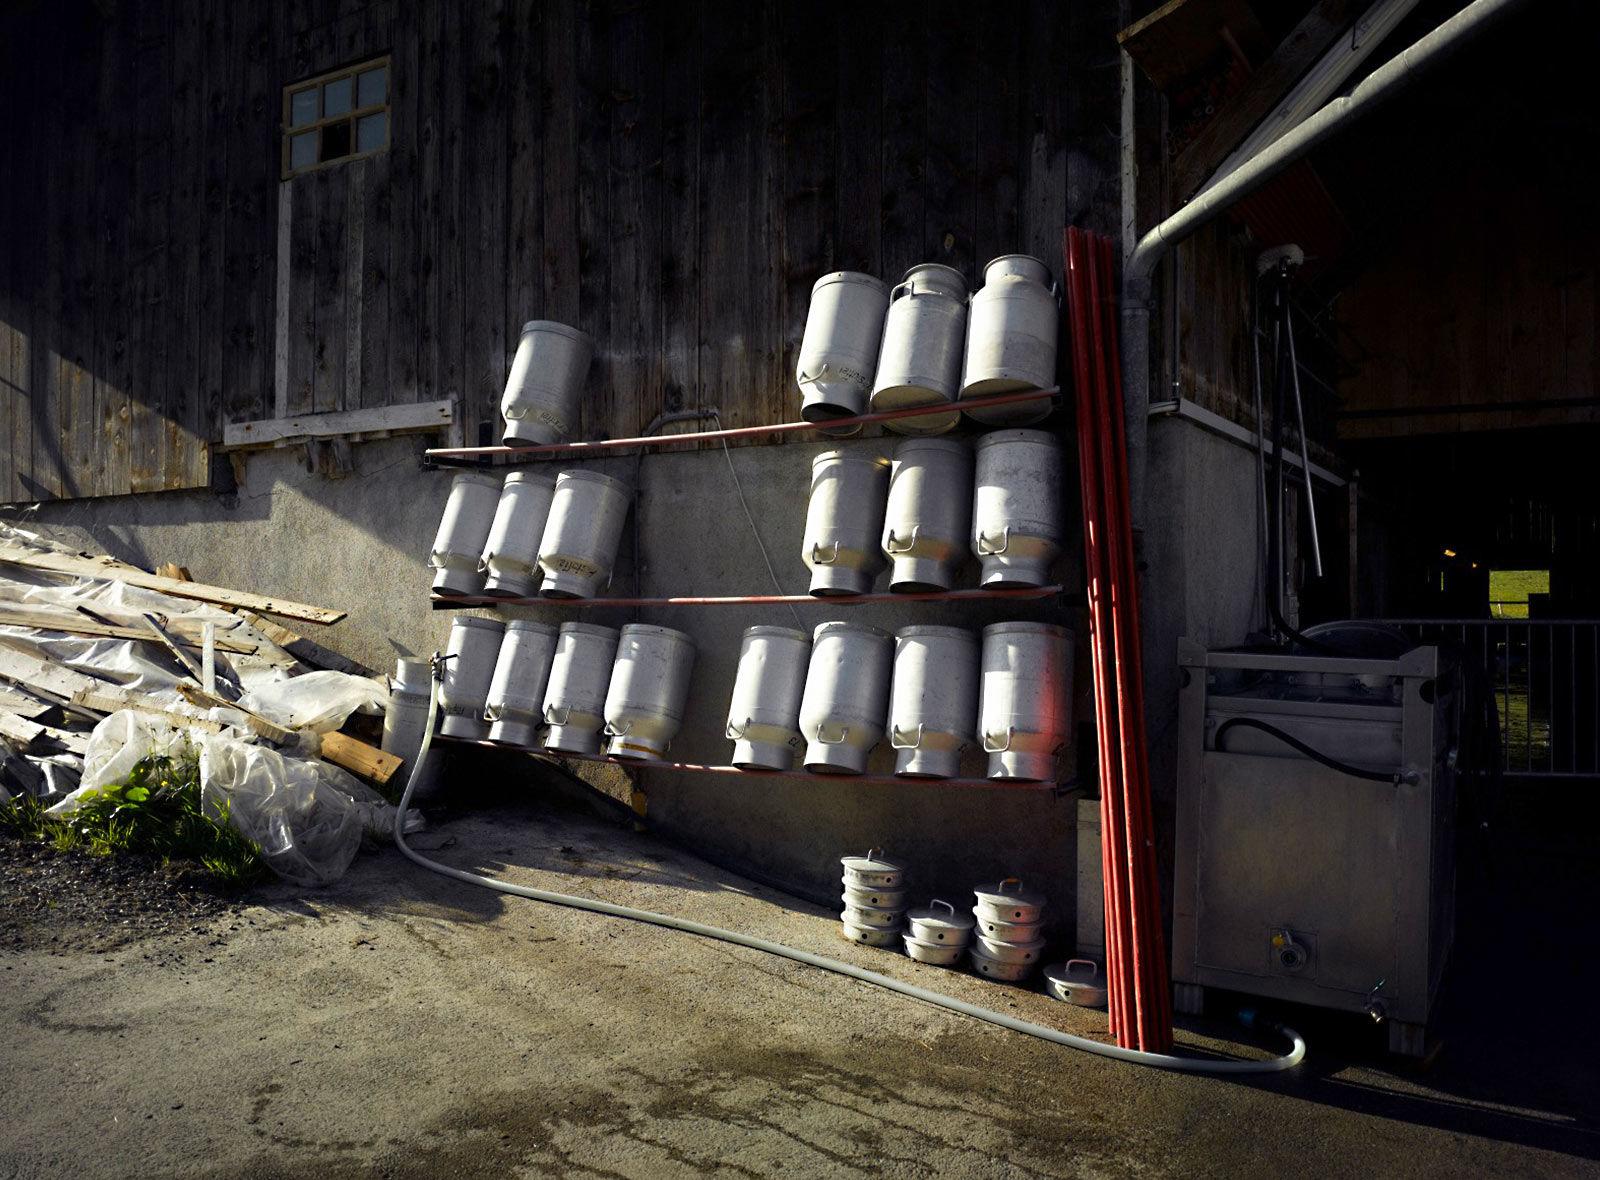 Gesäuberte Milchkannen